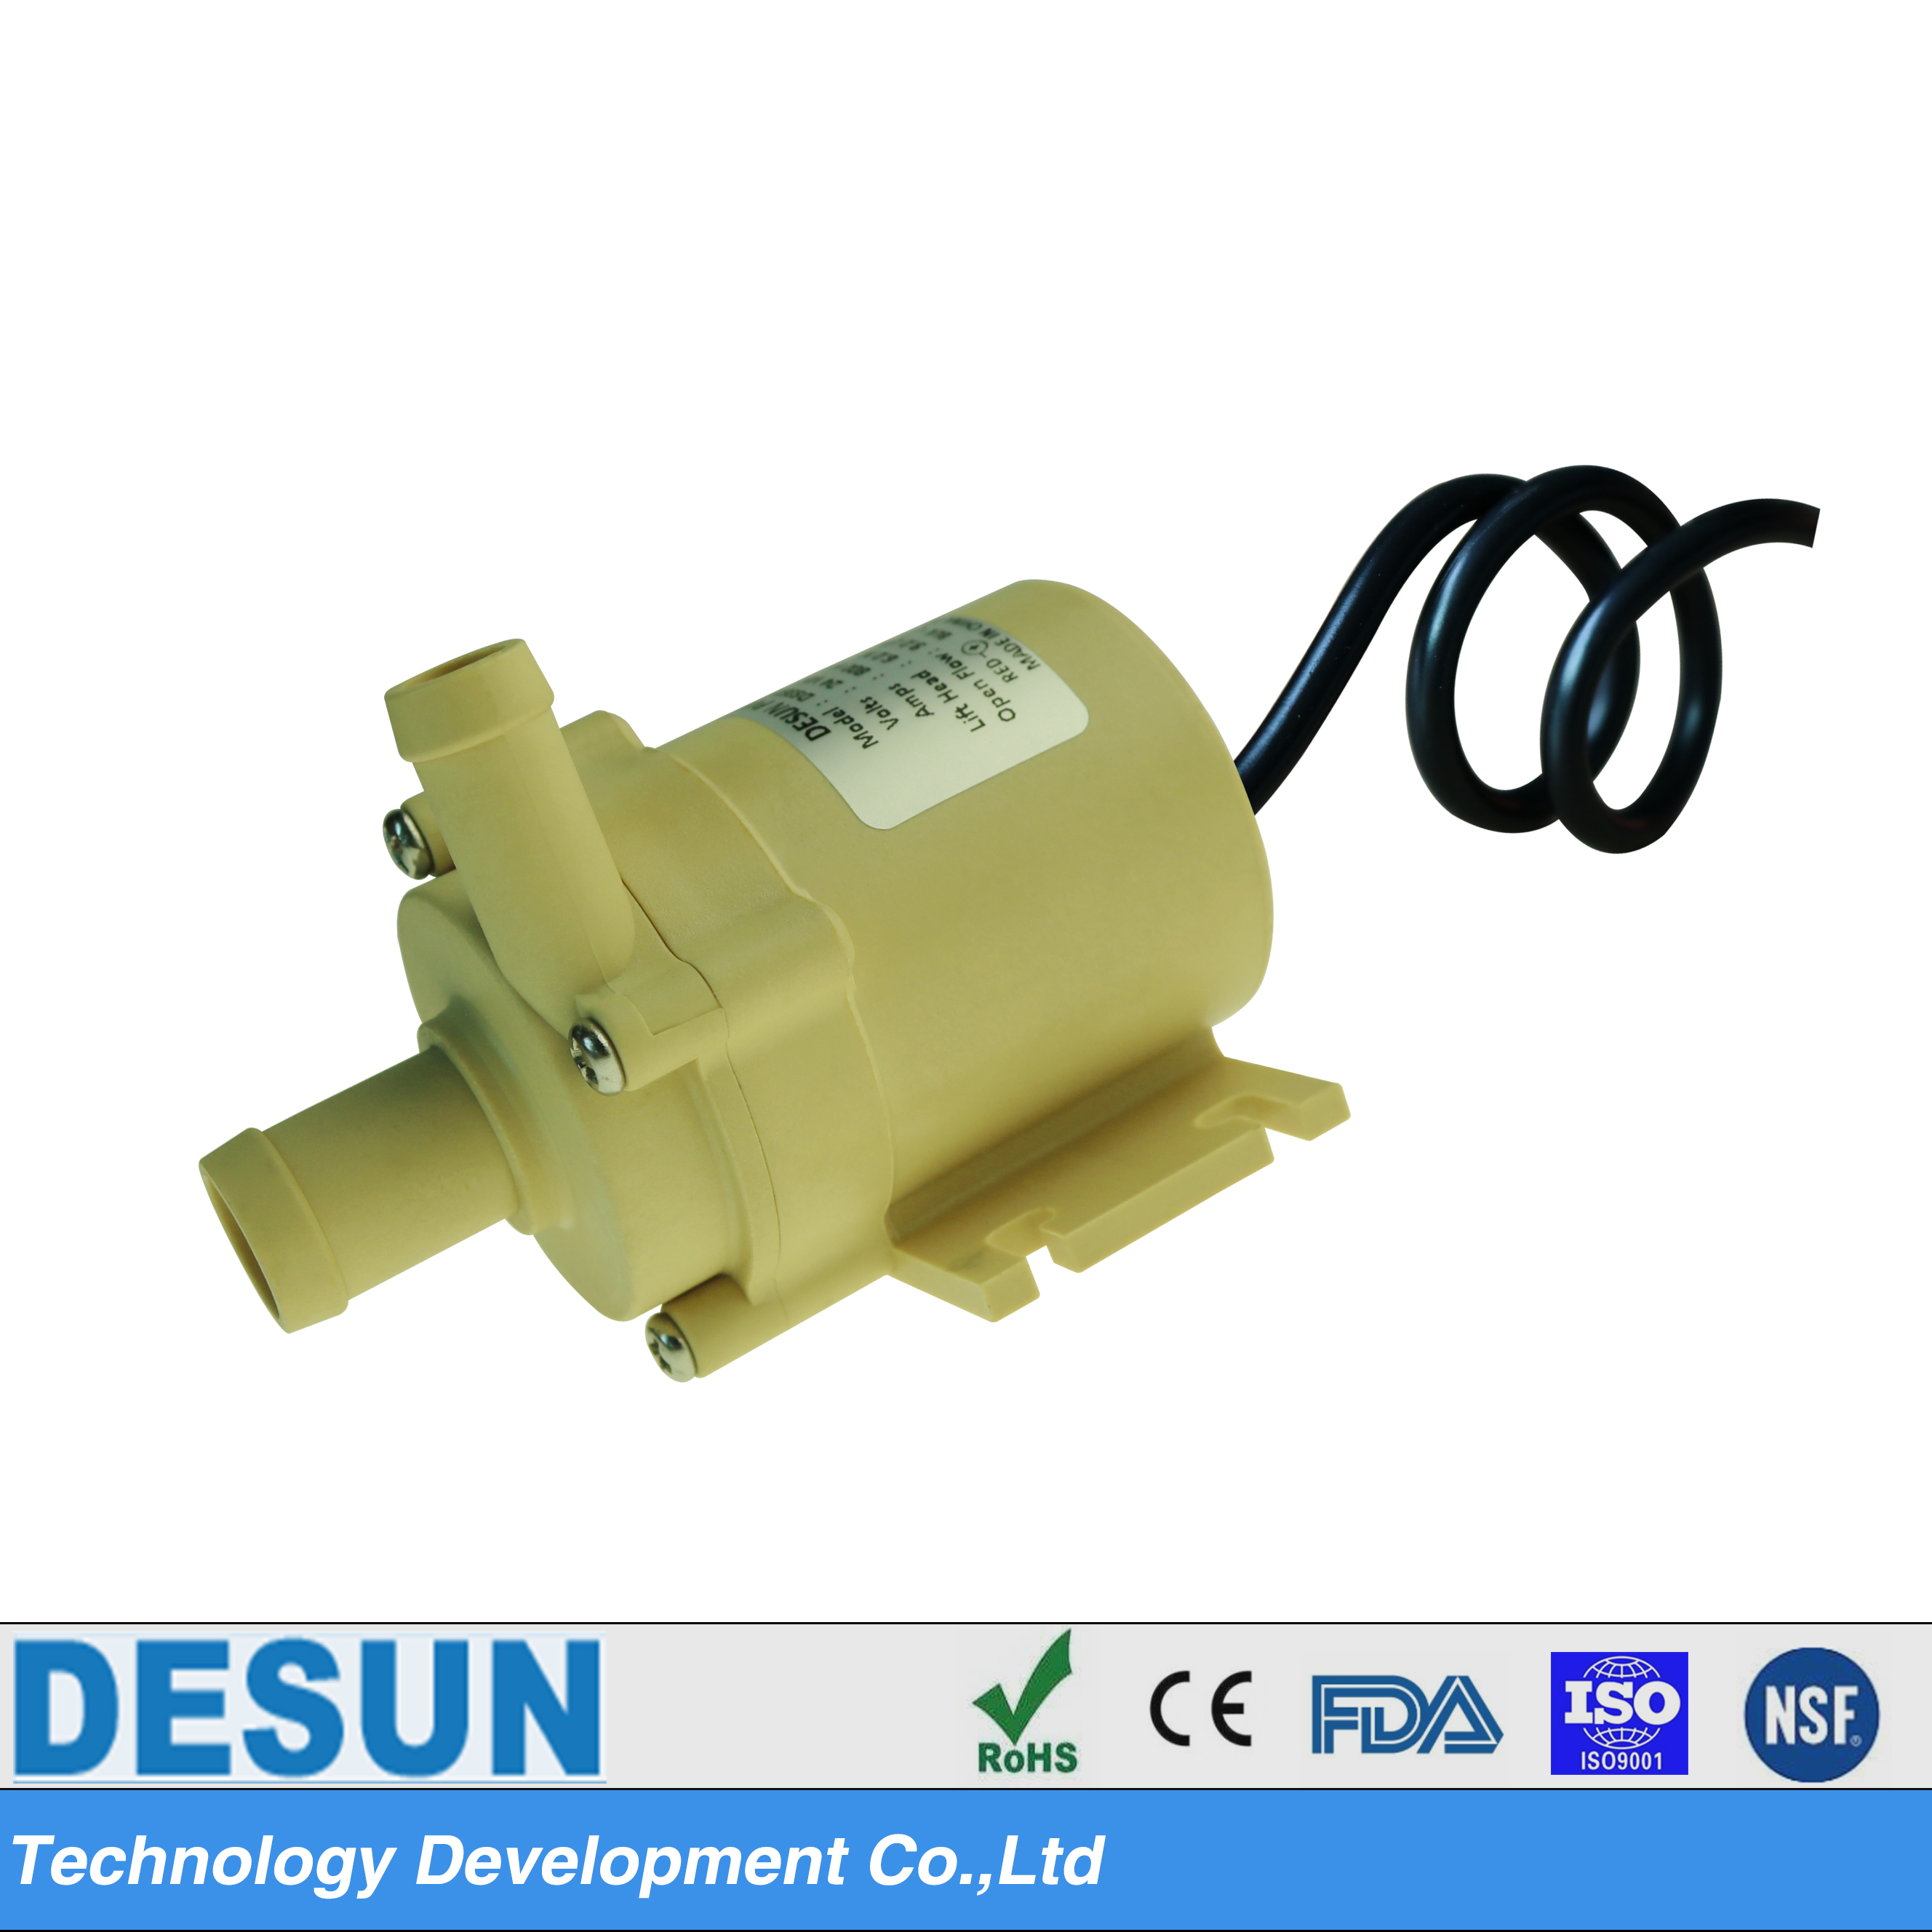 微型食品级医疗水泵DS3501